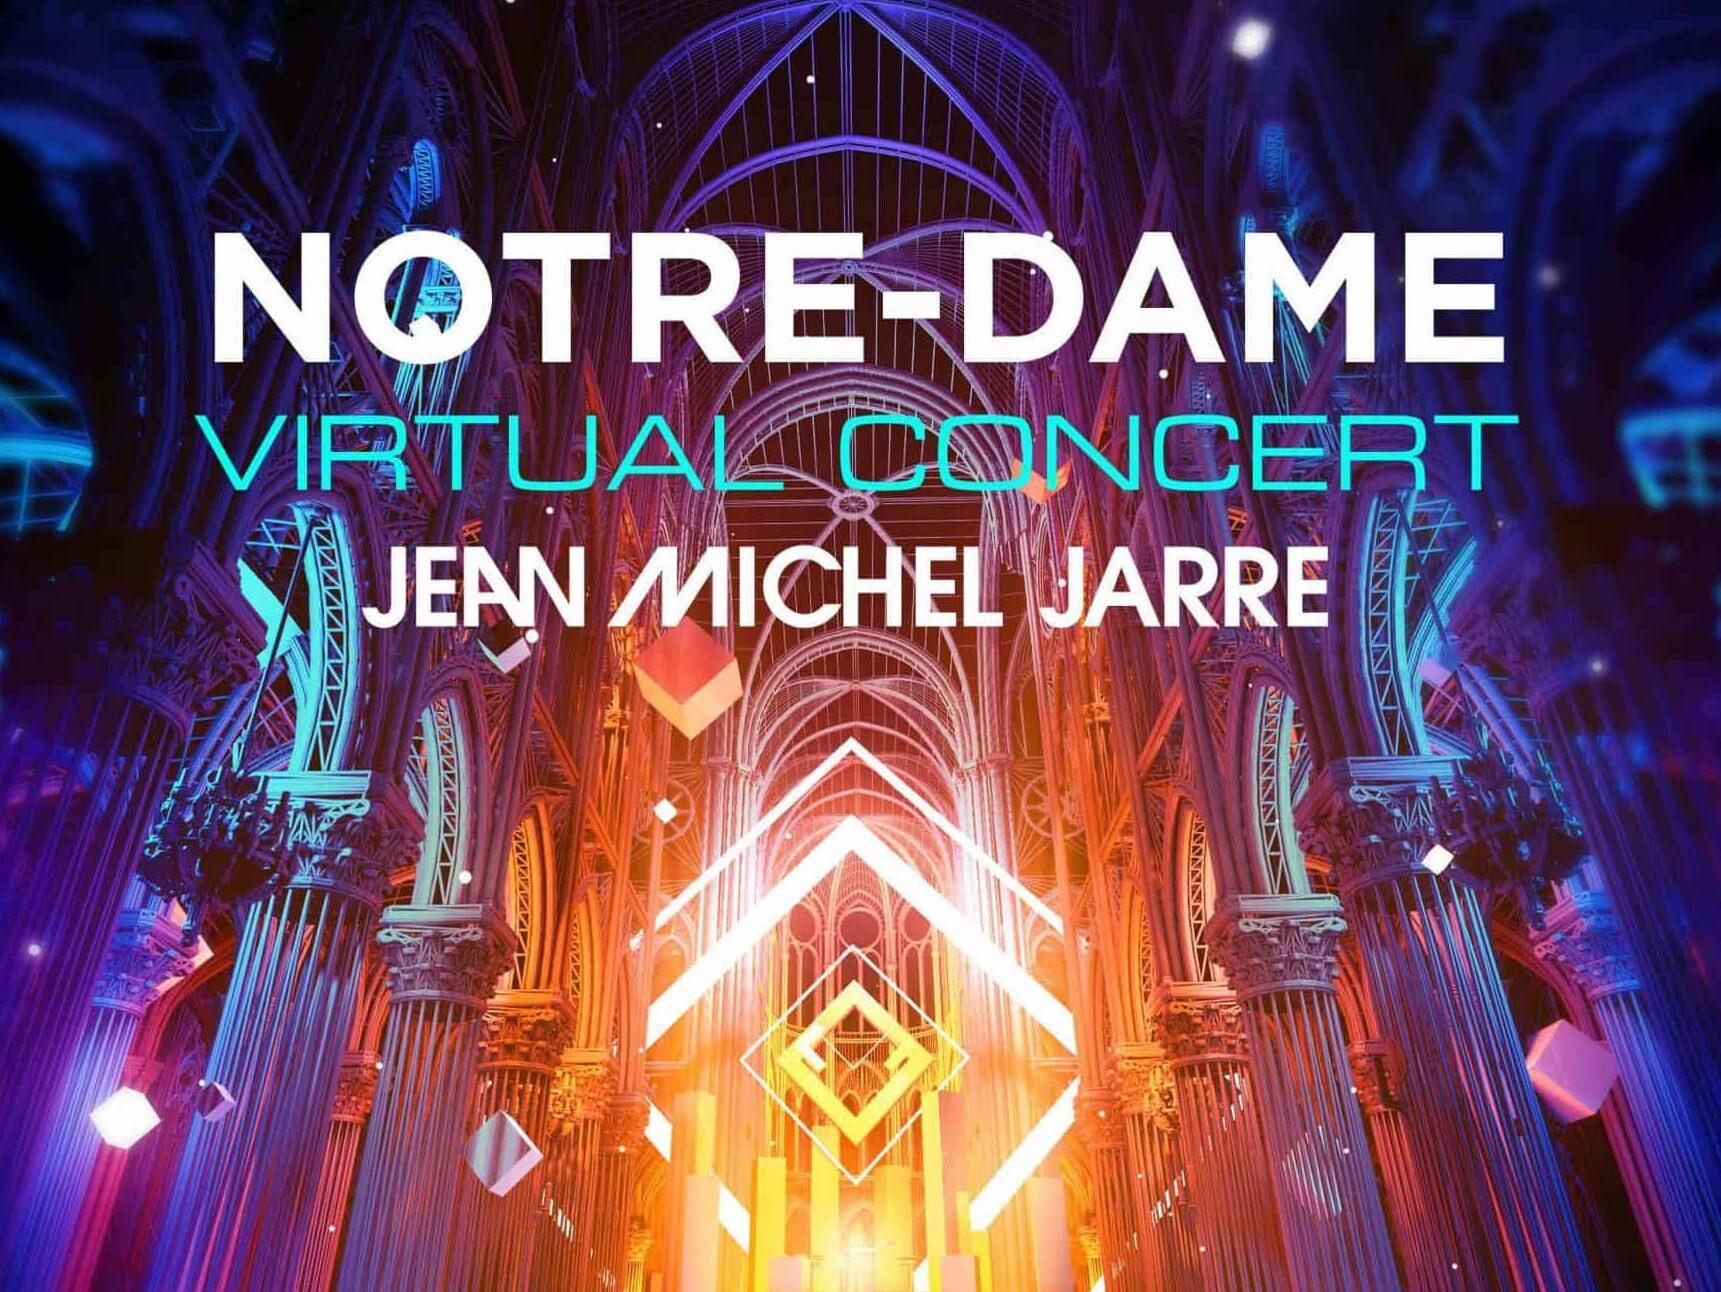 Jean-Michel Jarre: Capodanno con uno spettacolare live show virtuale – VIDEO